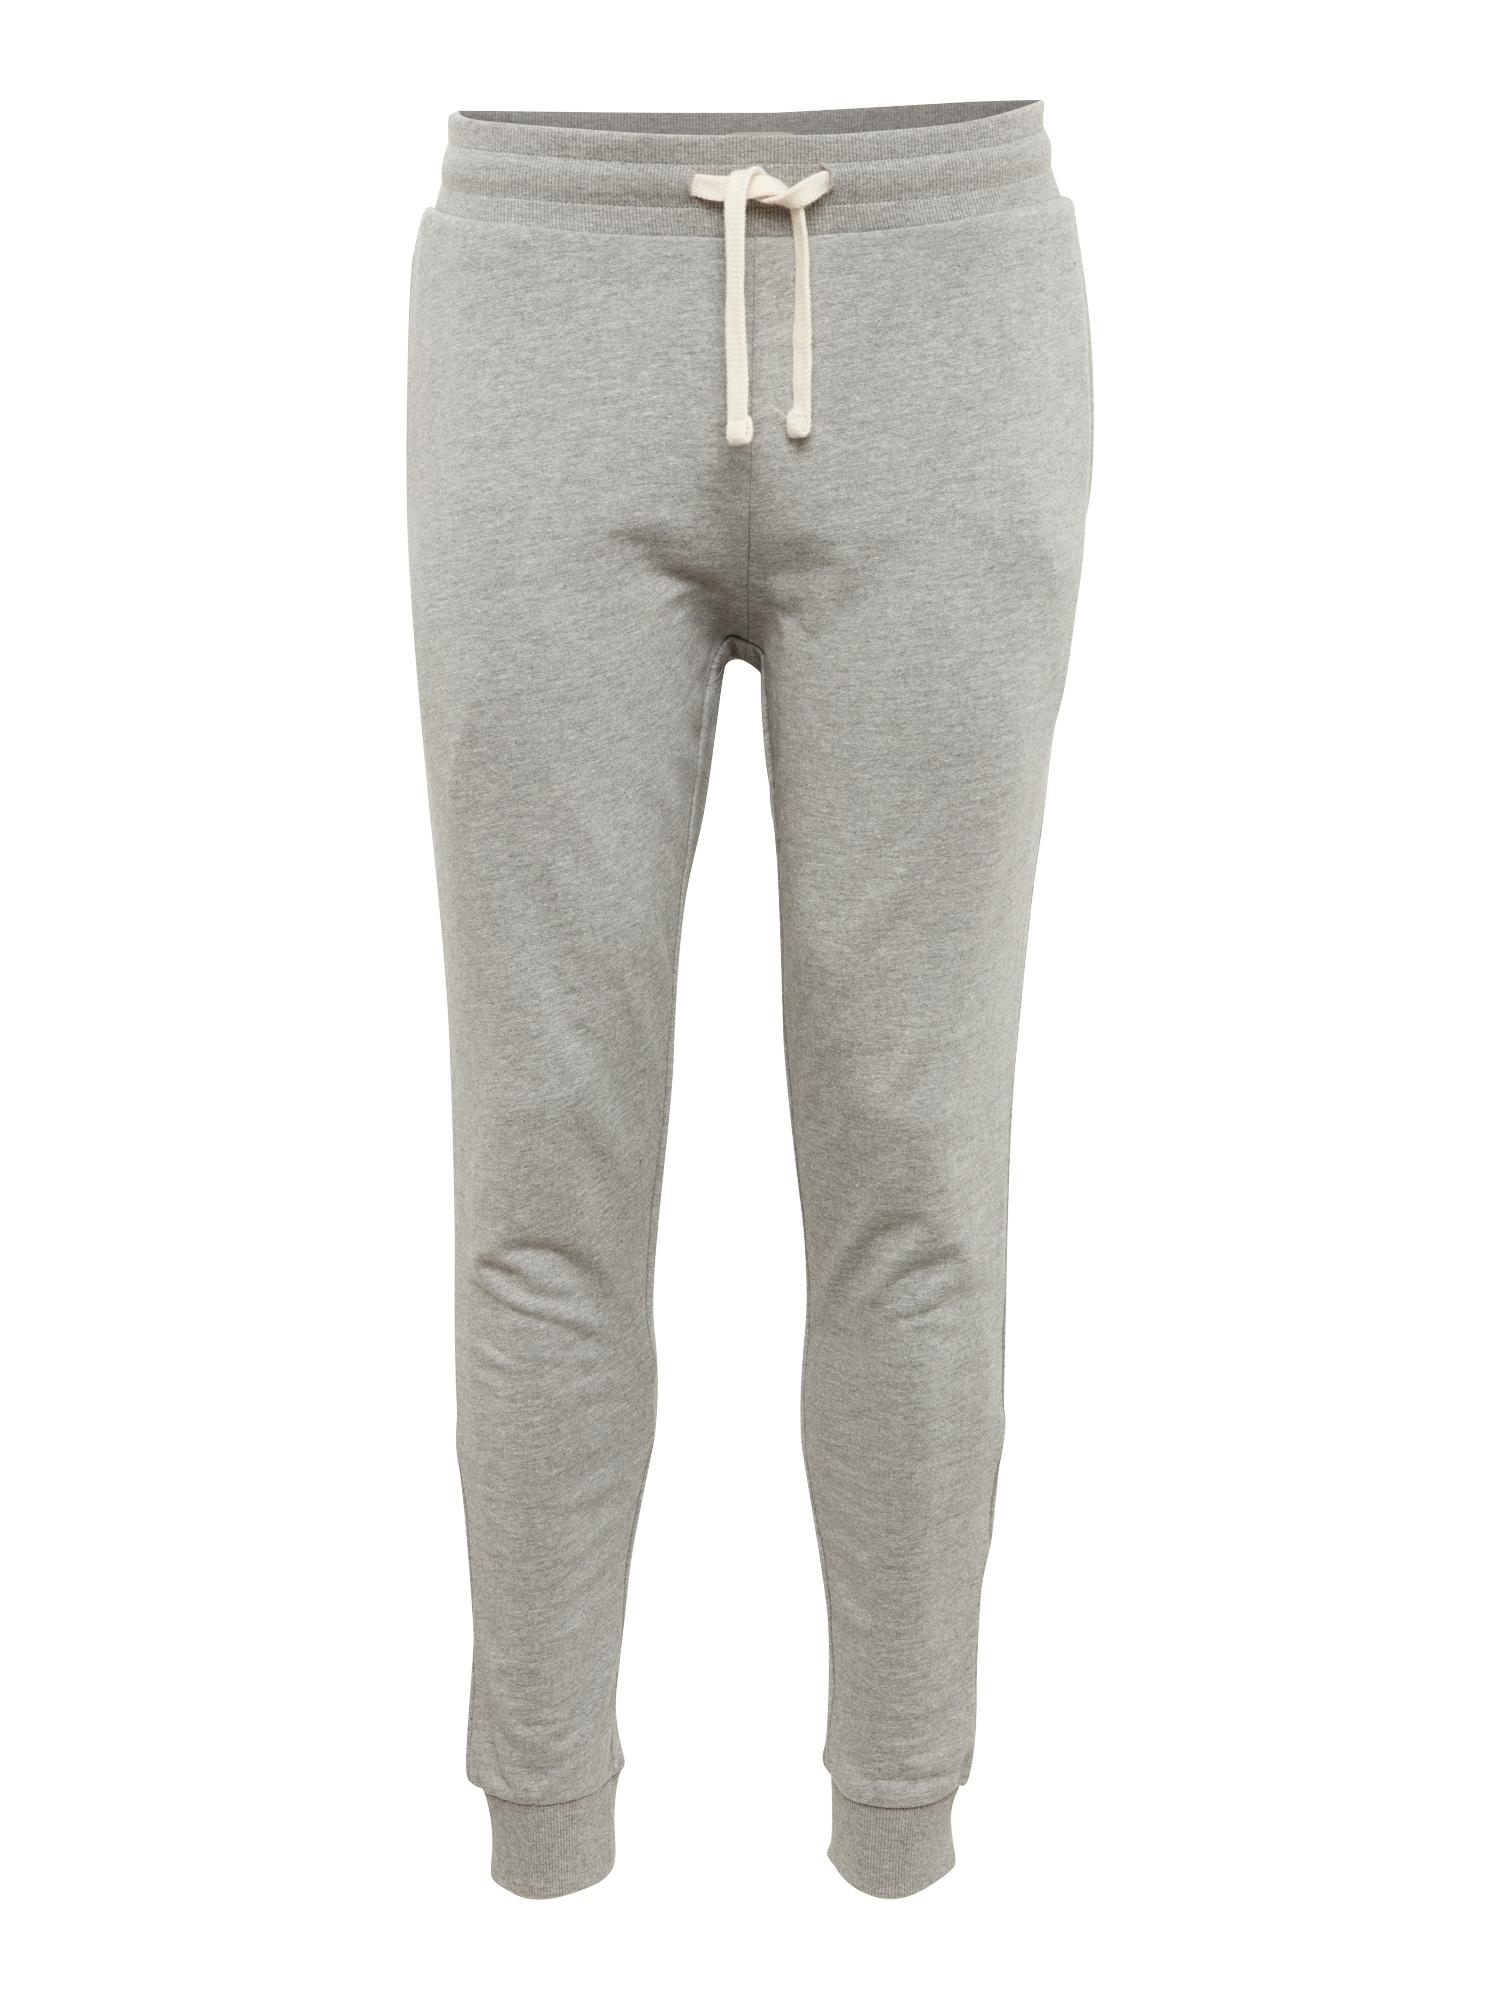 Kalhoty JJEHOLMEN SWEAT PANTS NOOS světle šedá bílá JACK & JONES